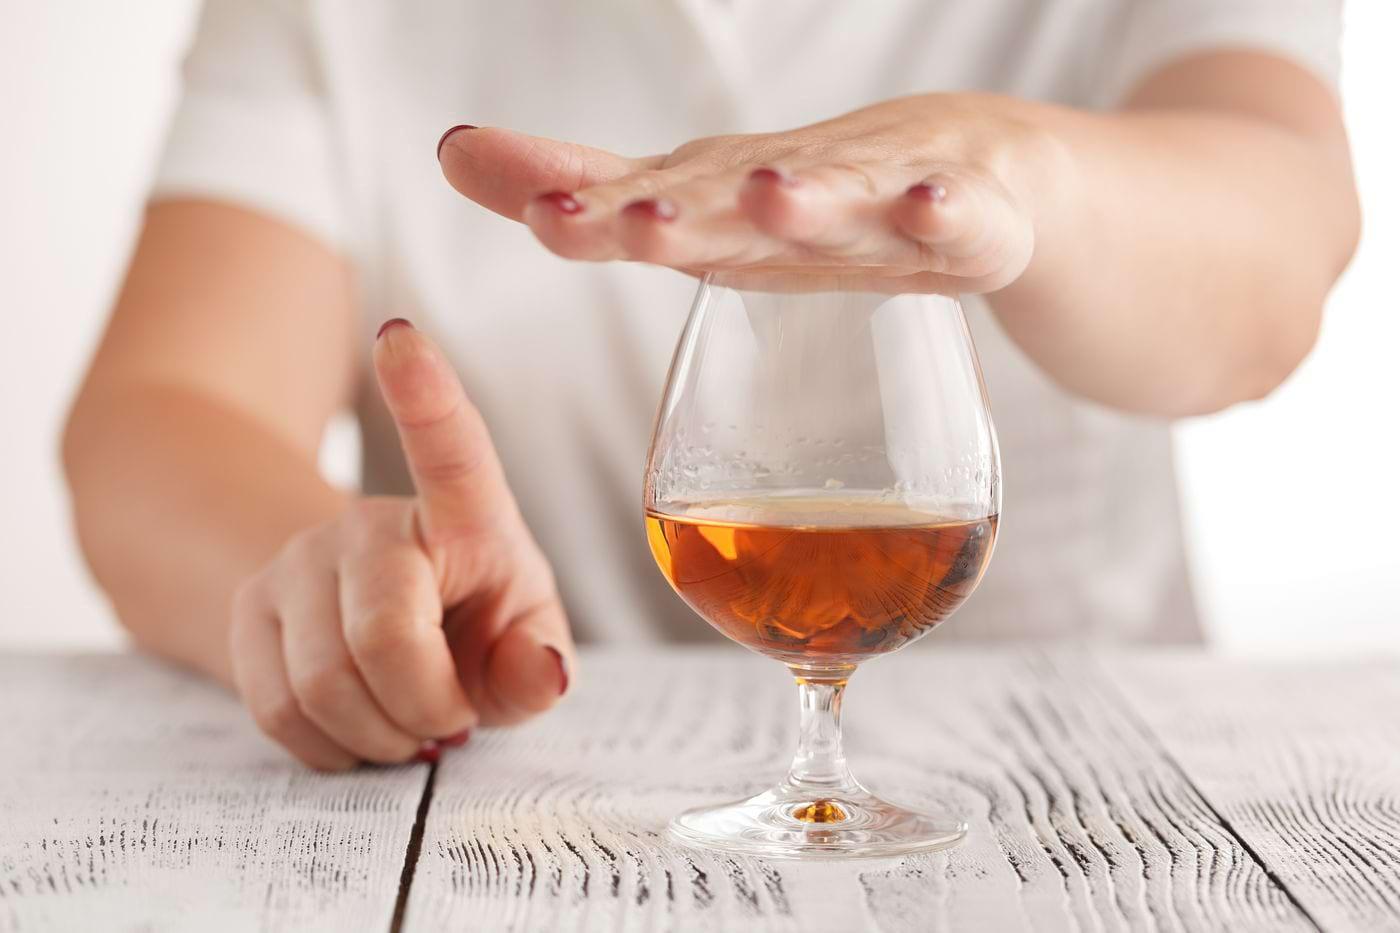 7 semne ale alergiei sau intoleranței la alcool